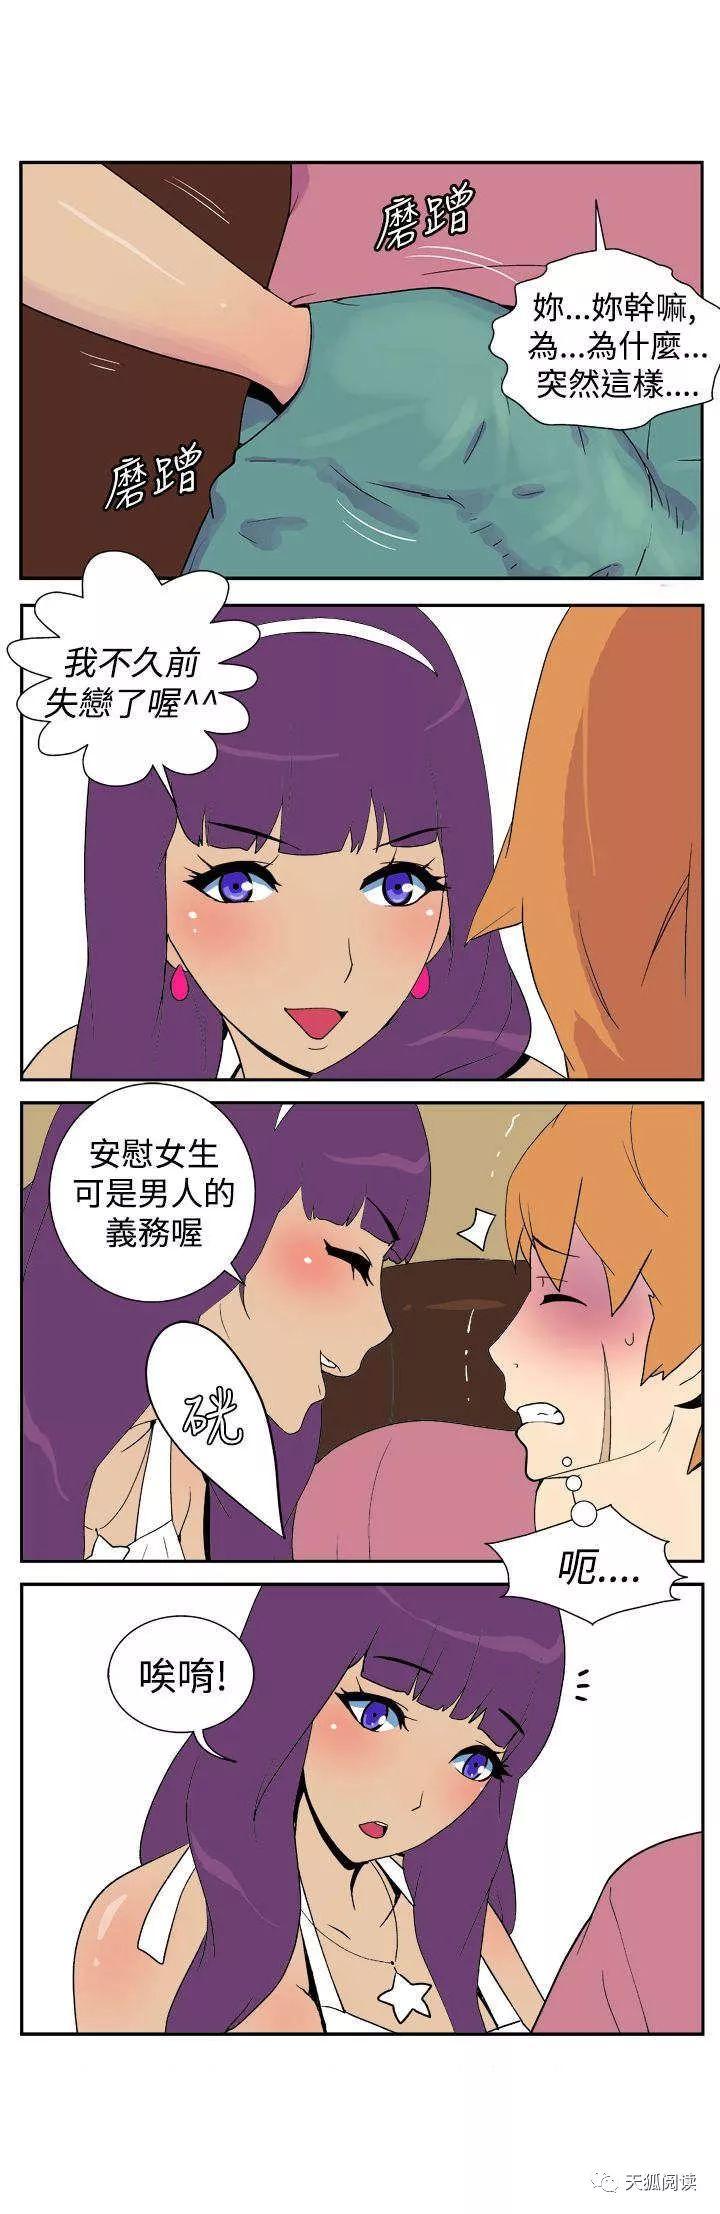 恋爱韩漫:隐居宅女(又名:她的秘密空间) 第7-9话 -天狐阅读